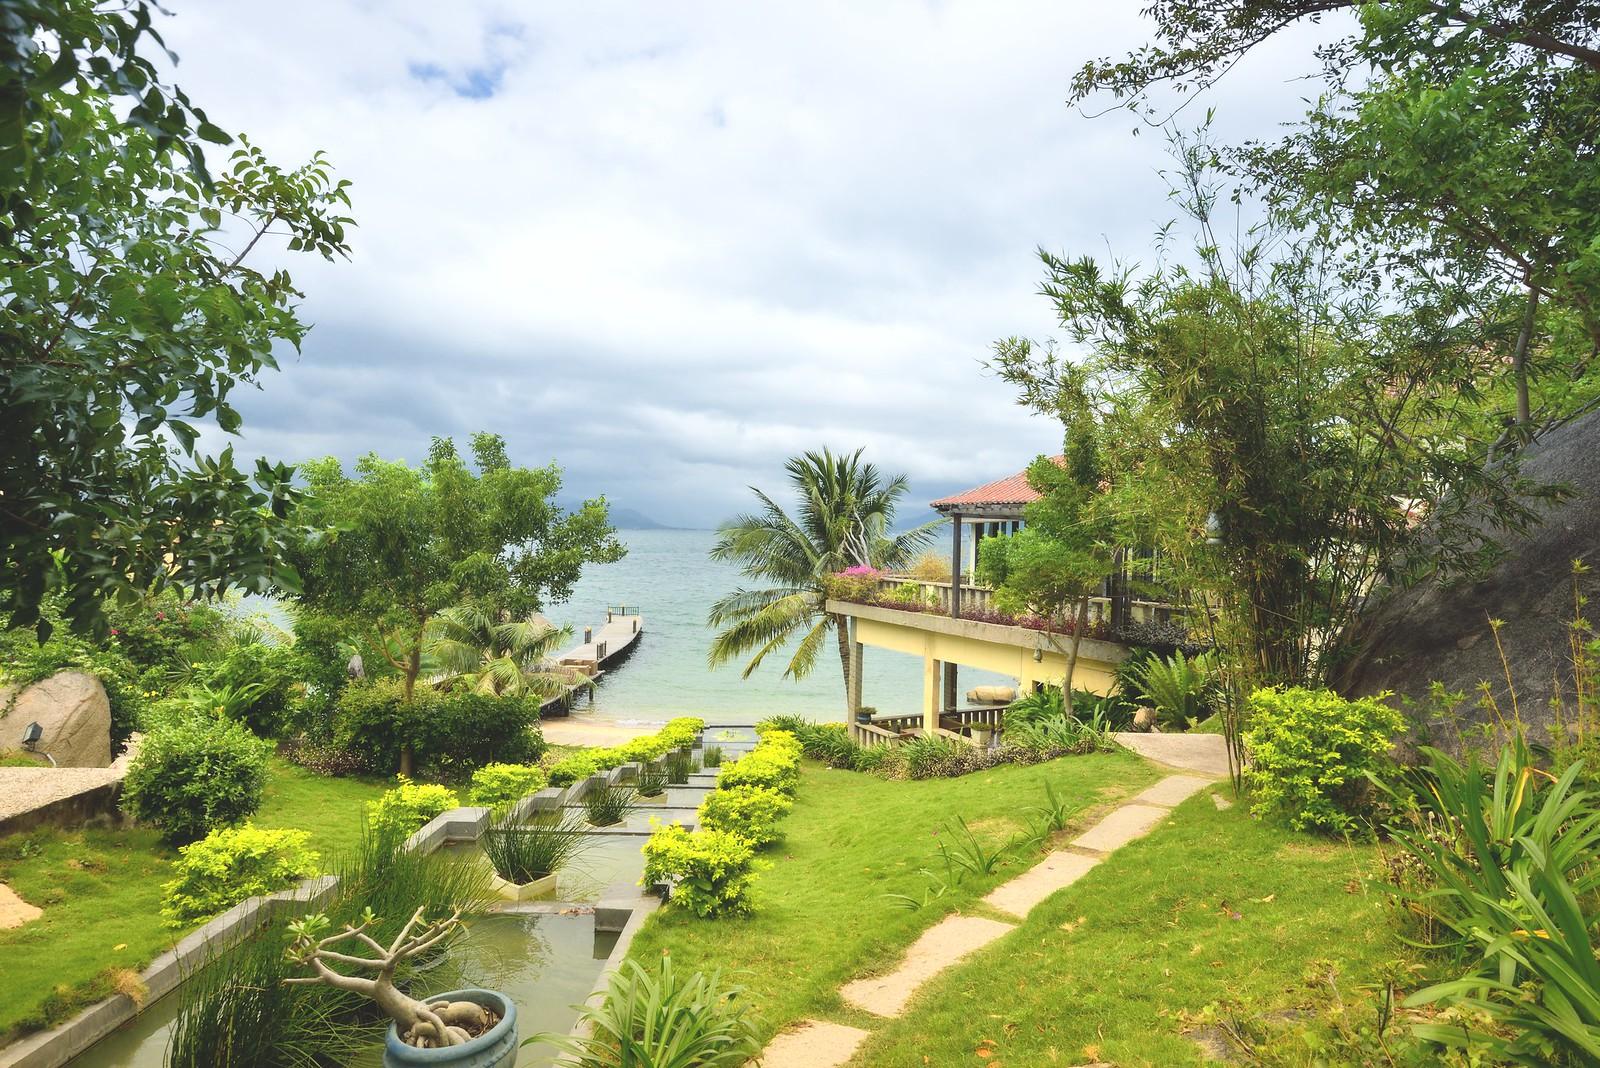 Resort View in Cam Ranh Vietnam